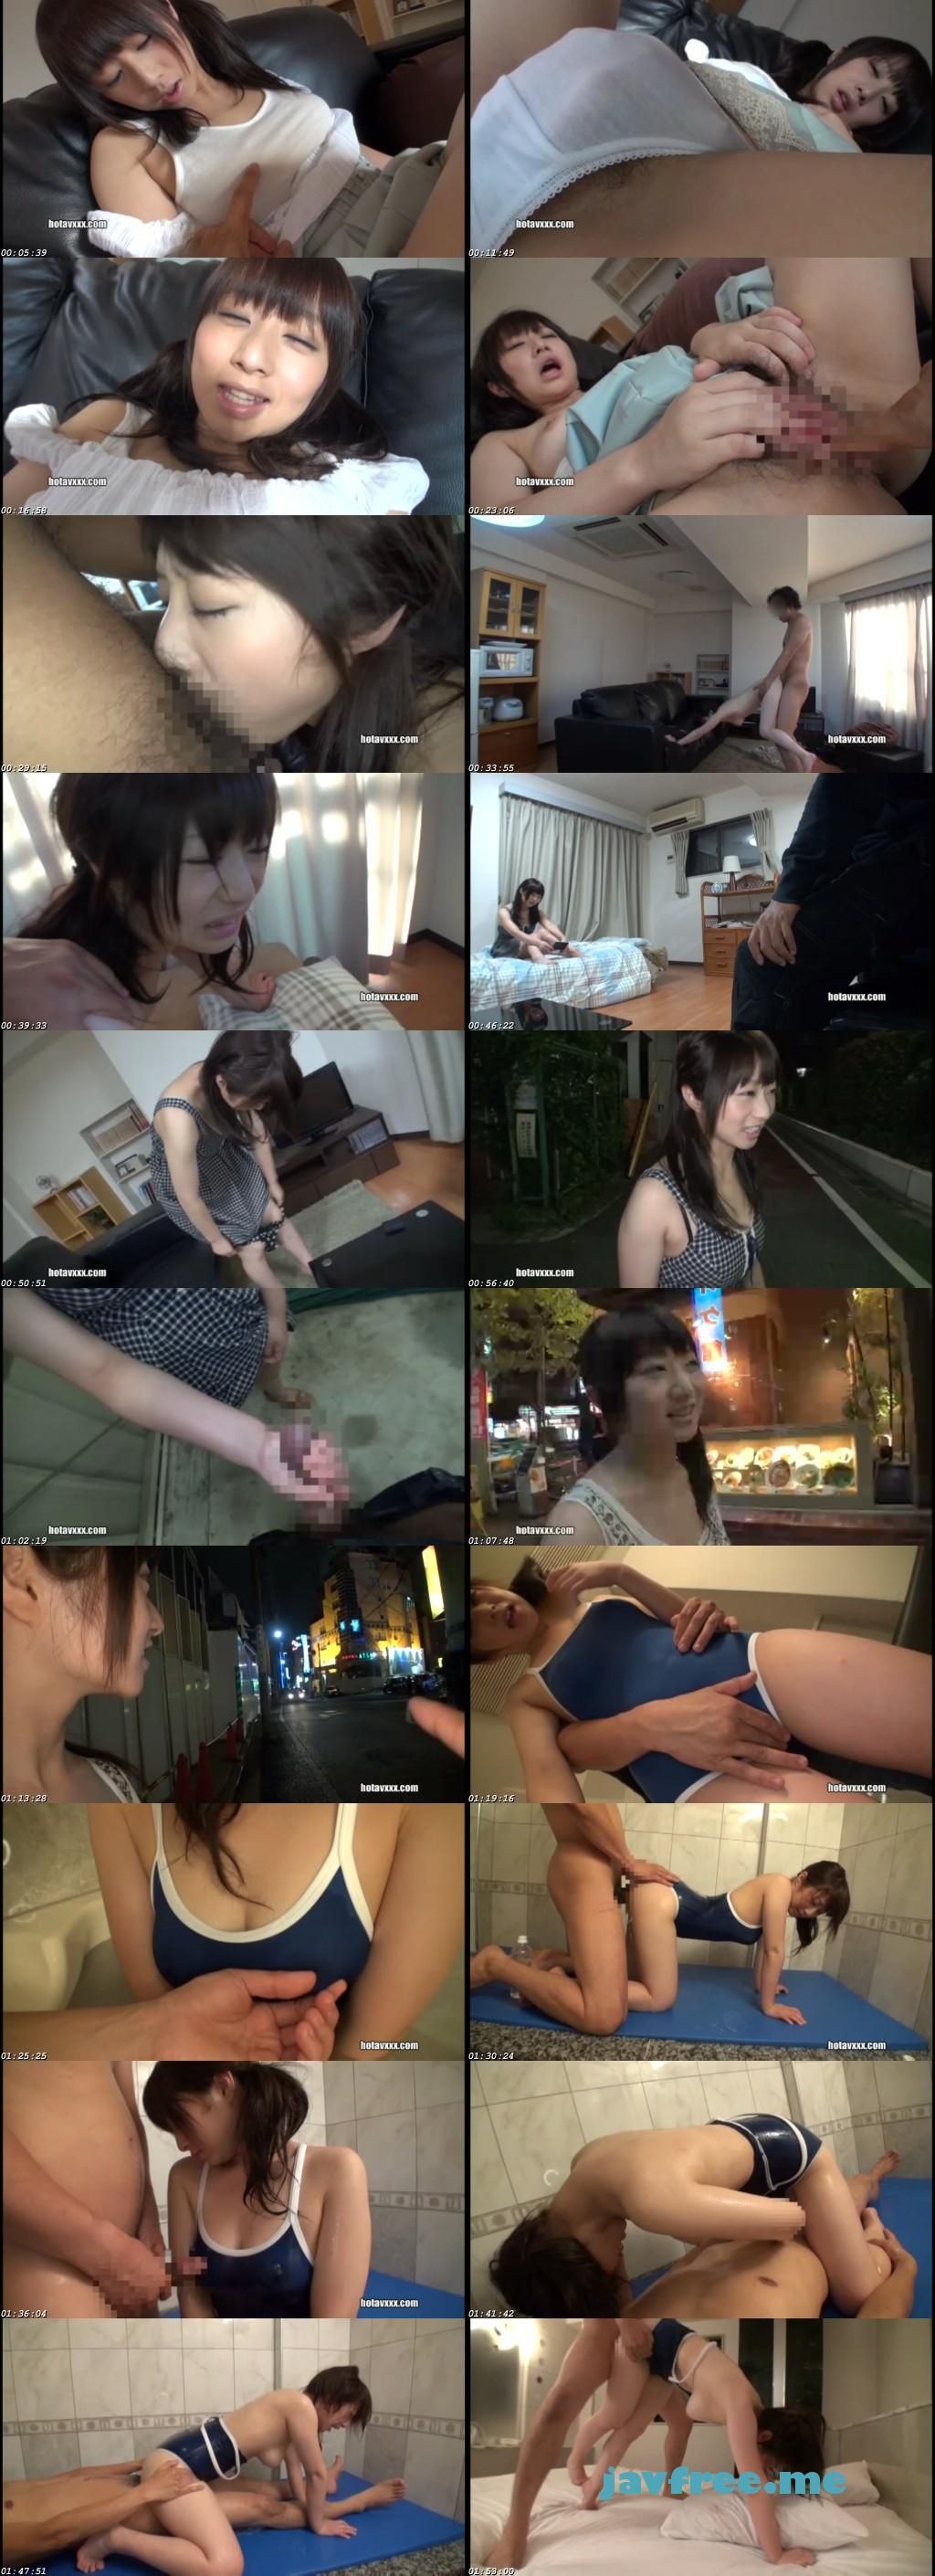 [LOO 004] 年下の彼女 4 奇跡の天然ロリ巨乳 Fカップ みくちゃん145cm 田丸みく LOO